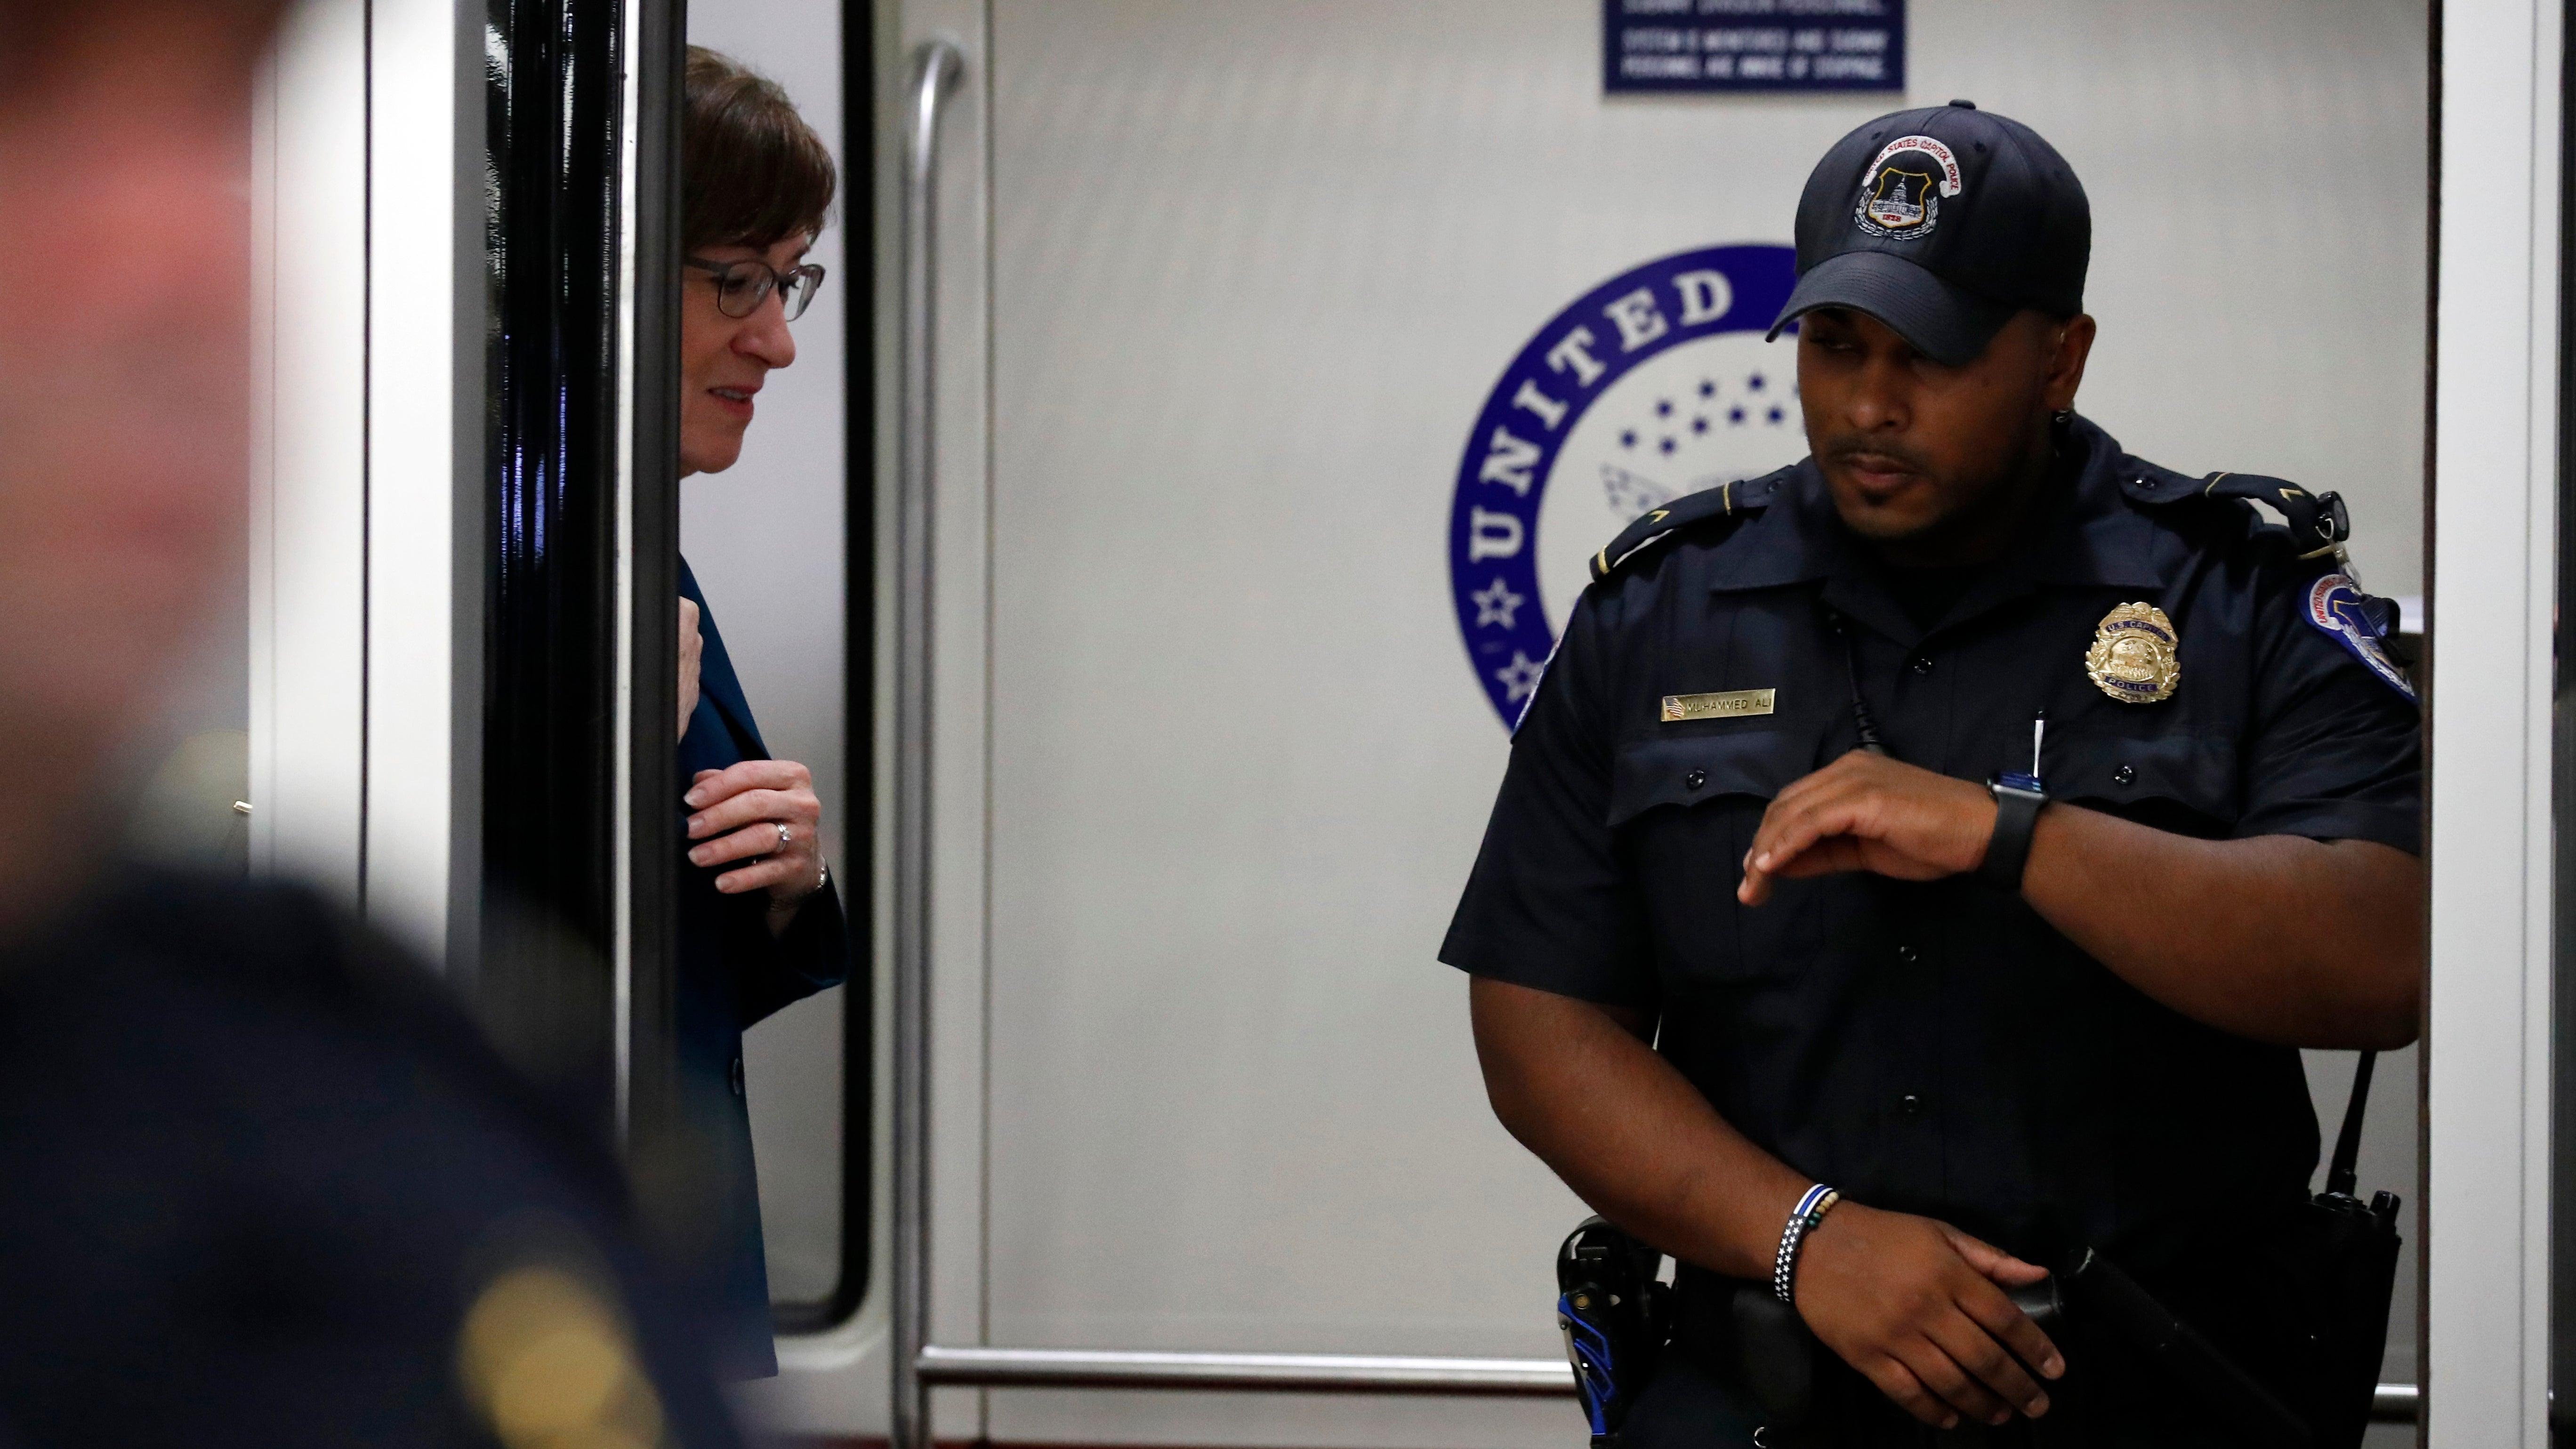 Capitol Police Arrest Intern Over Doxing U.S. Senators